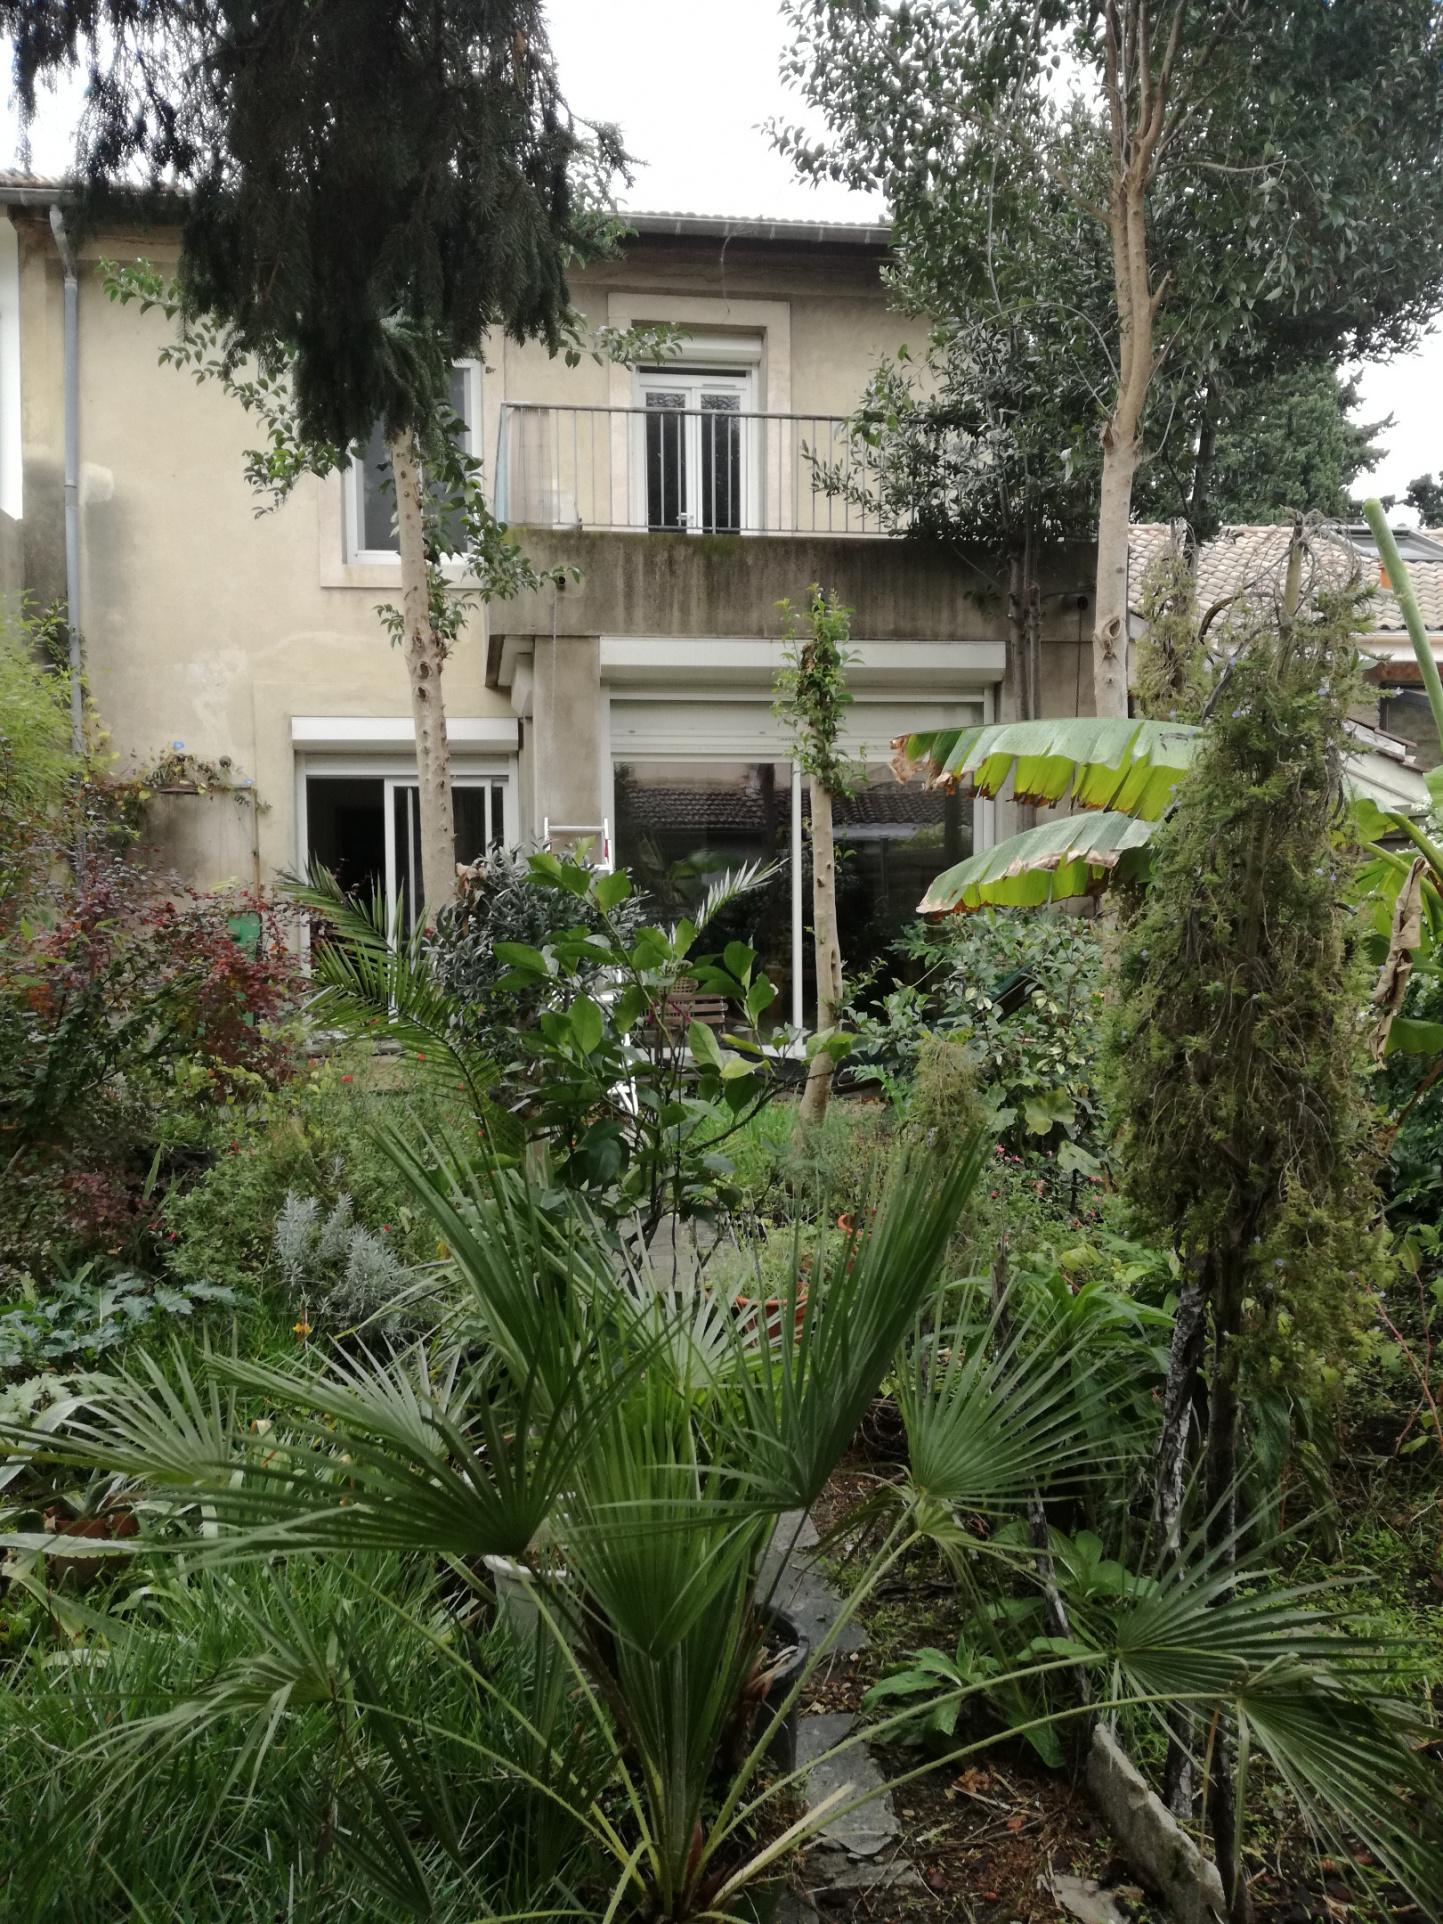 Location Maison à Montpellier 5 Pièces 110m² 1 280 Mois Sur Le